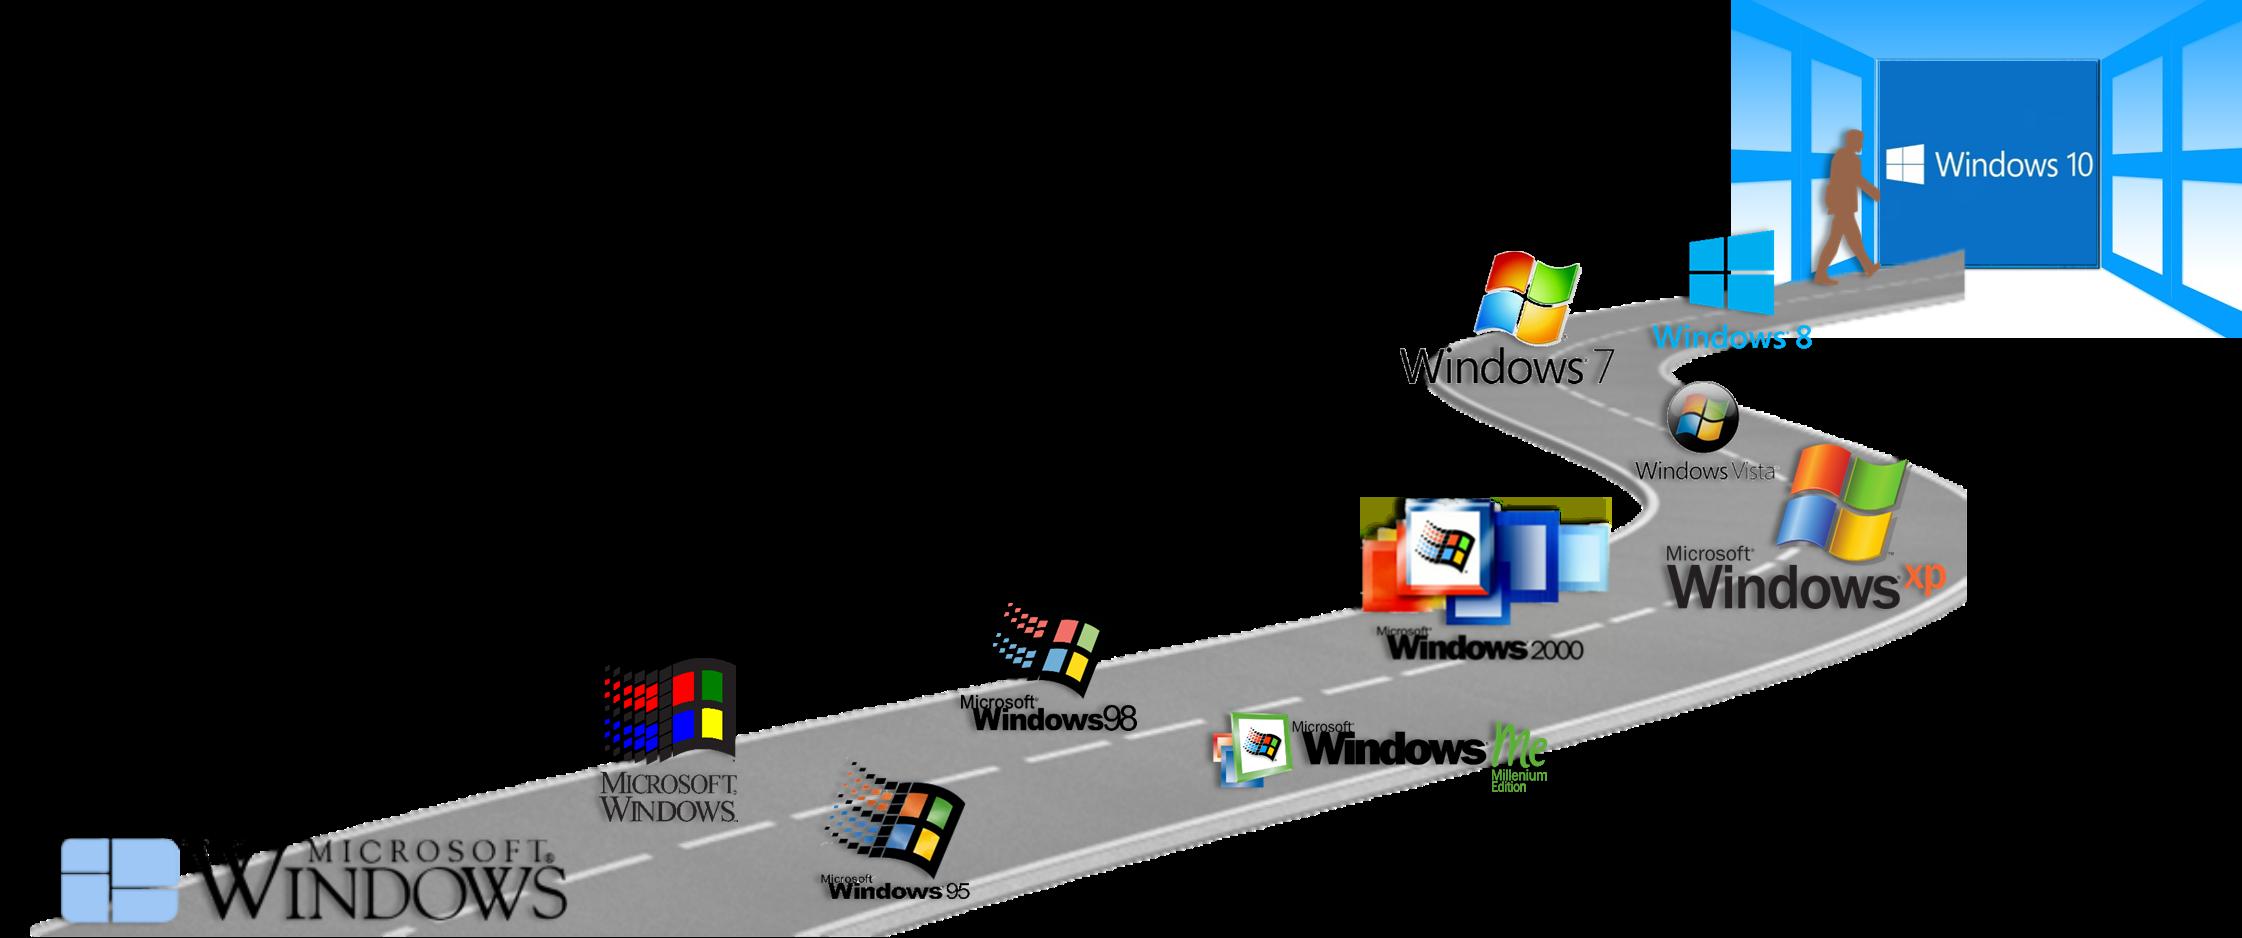 windows10-v2